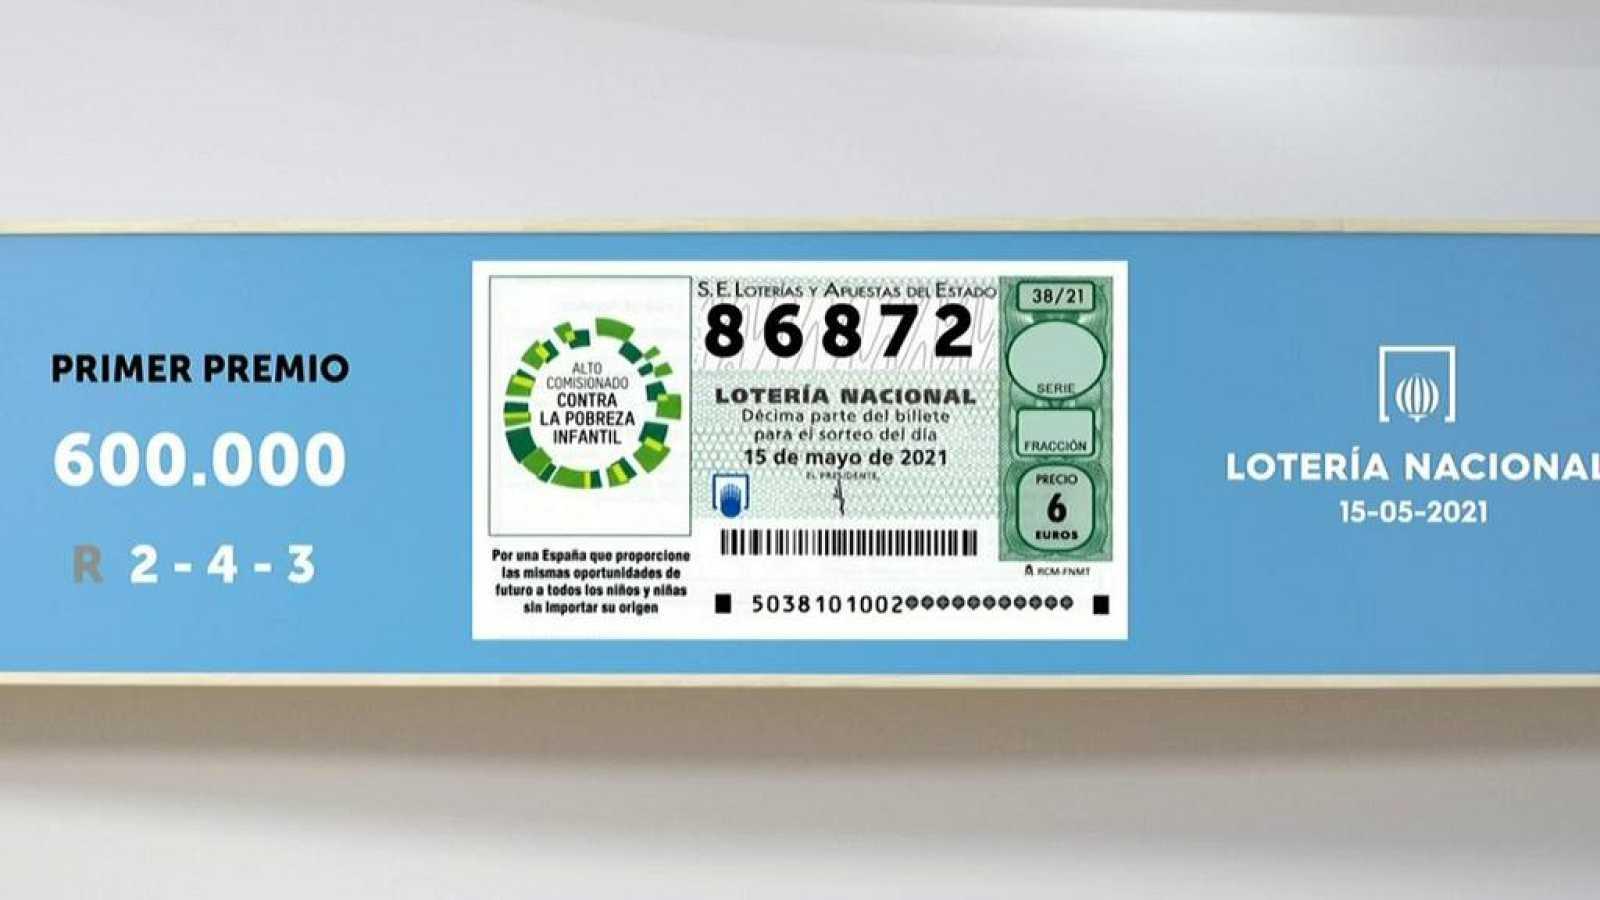 Sorteo De La Lotería Nacional Del 15 05 2021